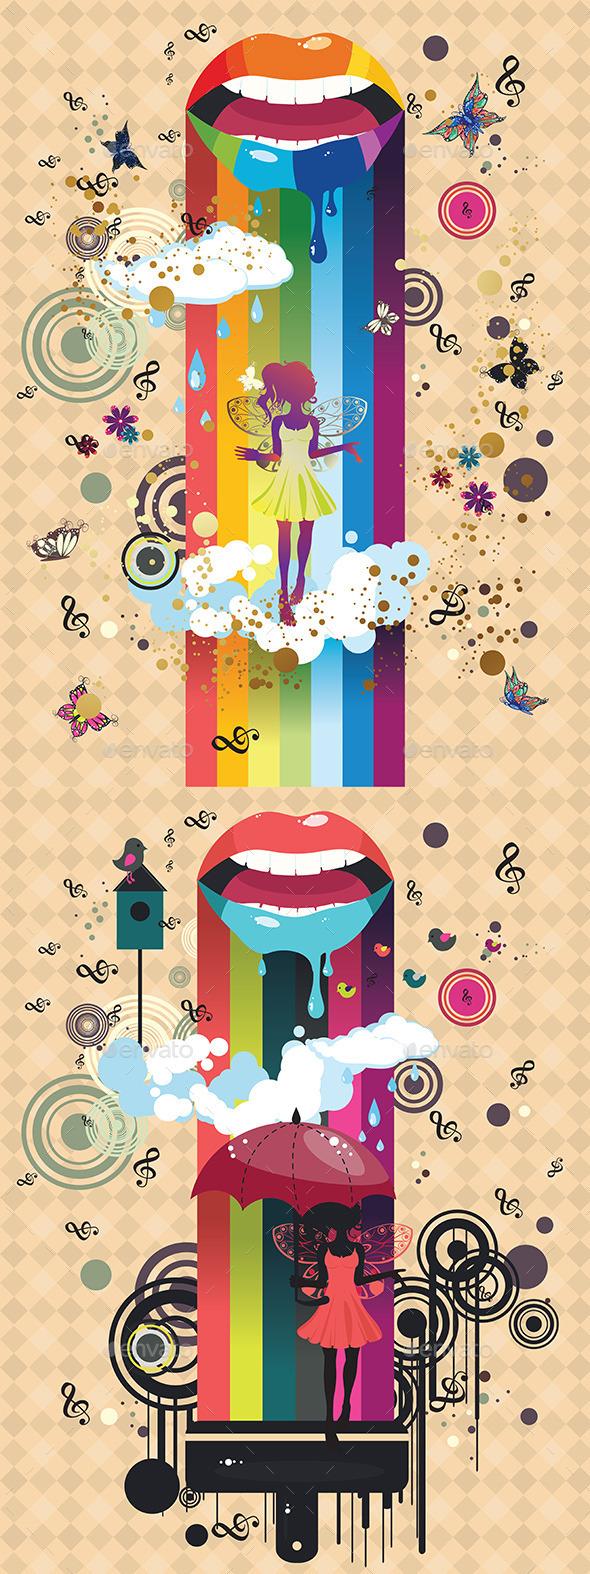 GraphicRiver Surreal Fairy 9593911